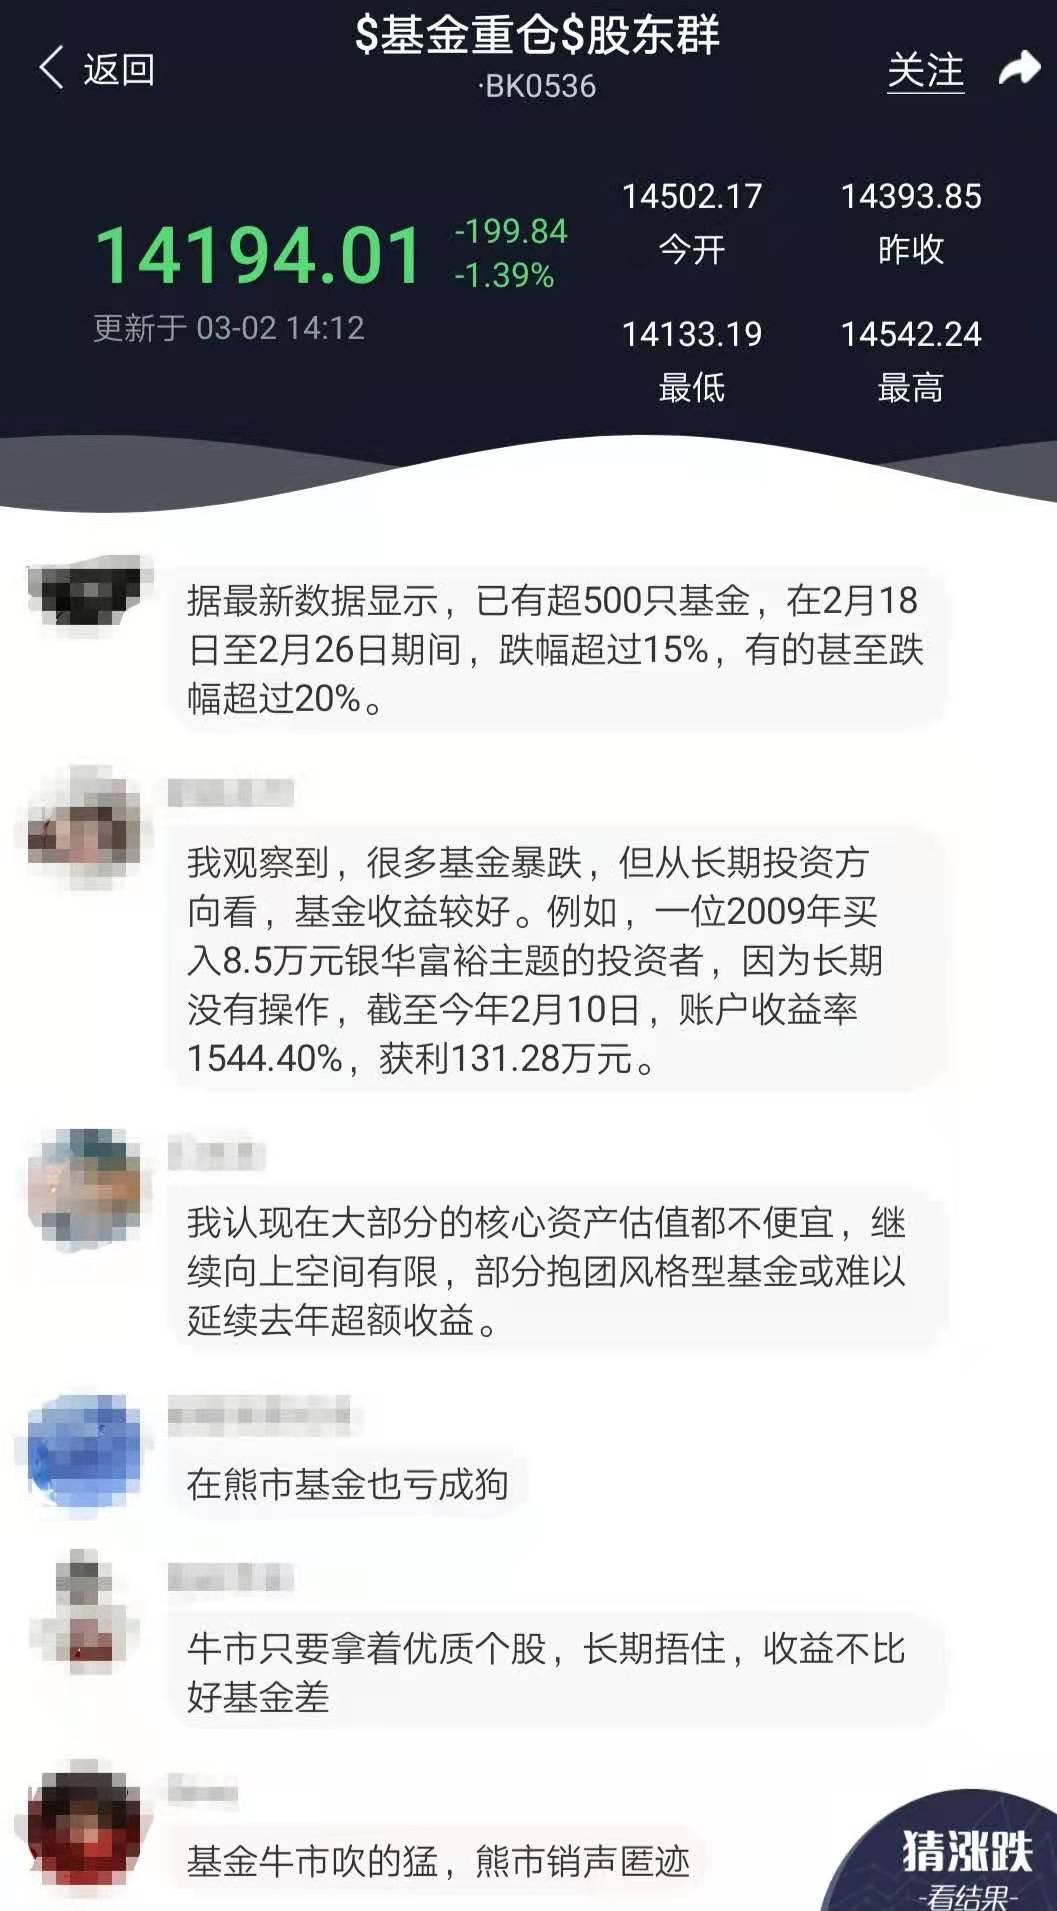 518只基金暴跌超15%,你还相信牛市吗?